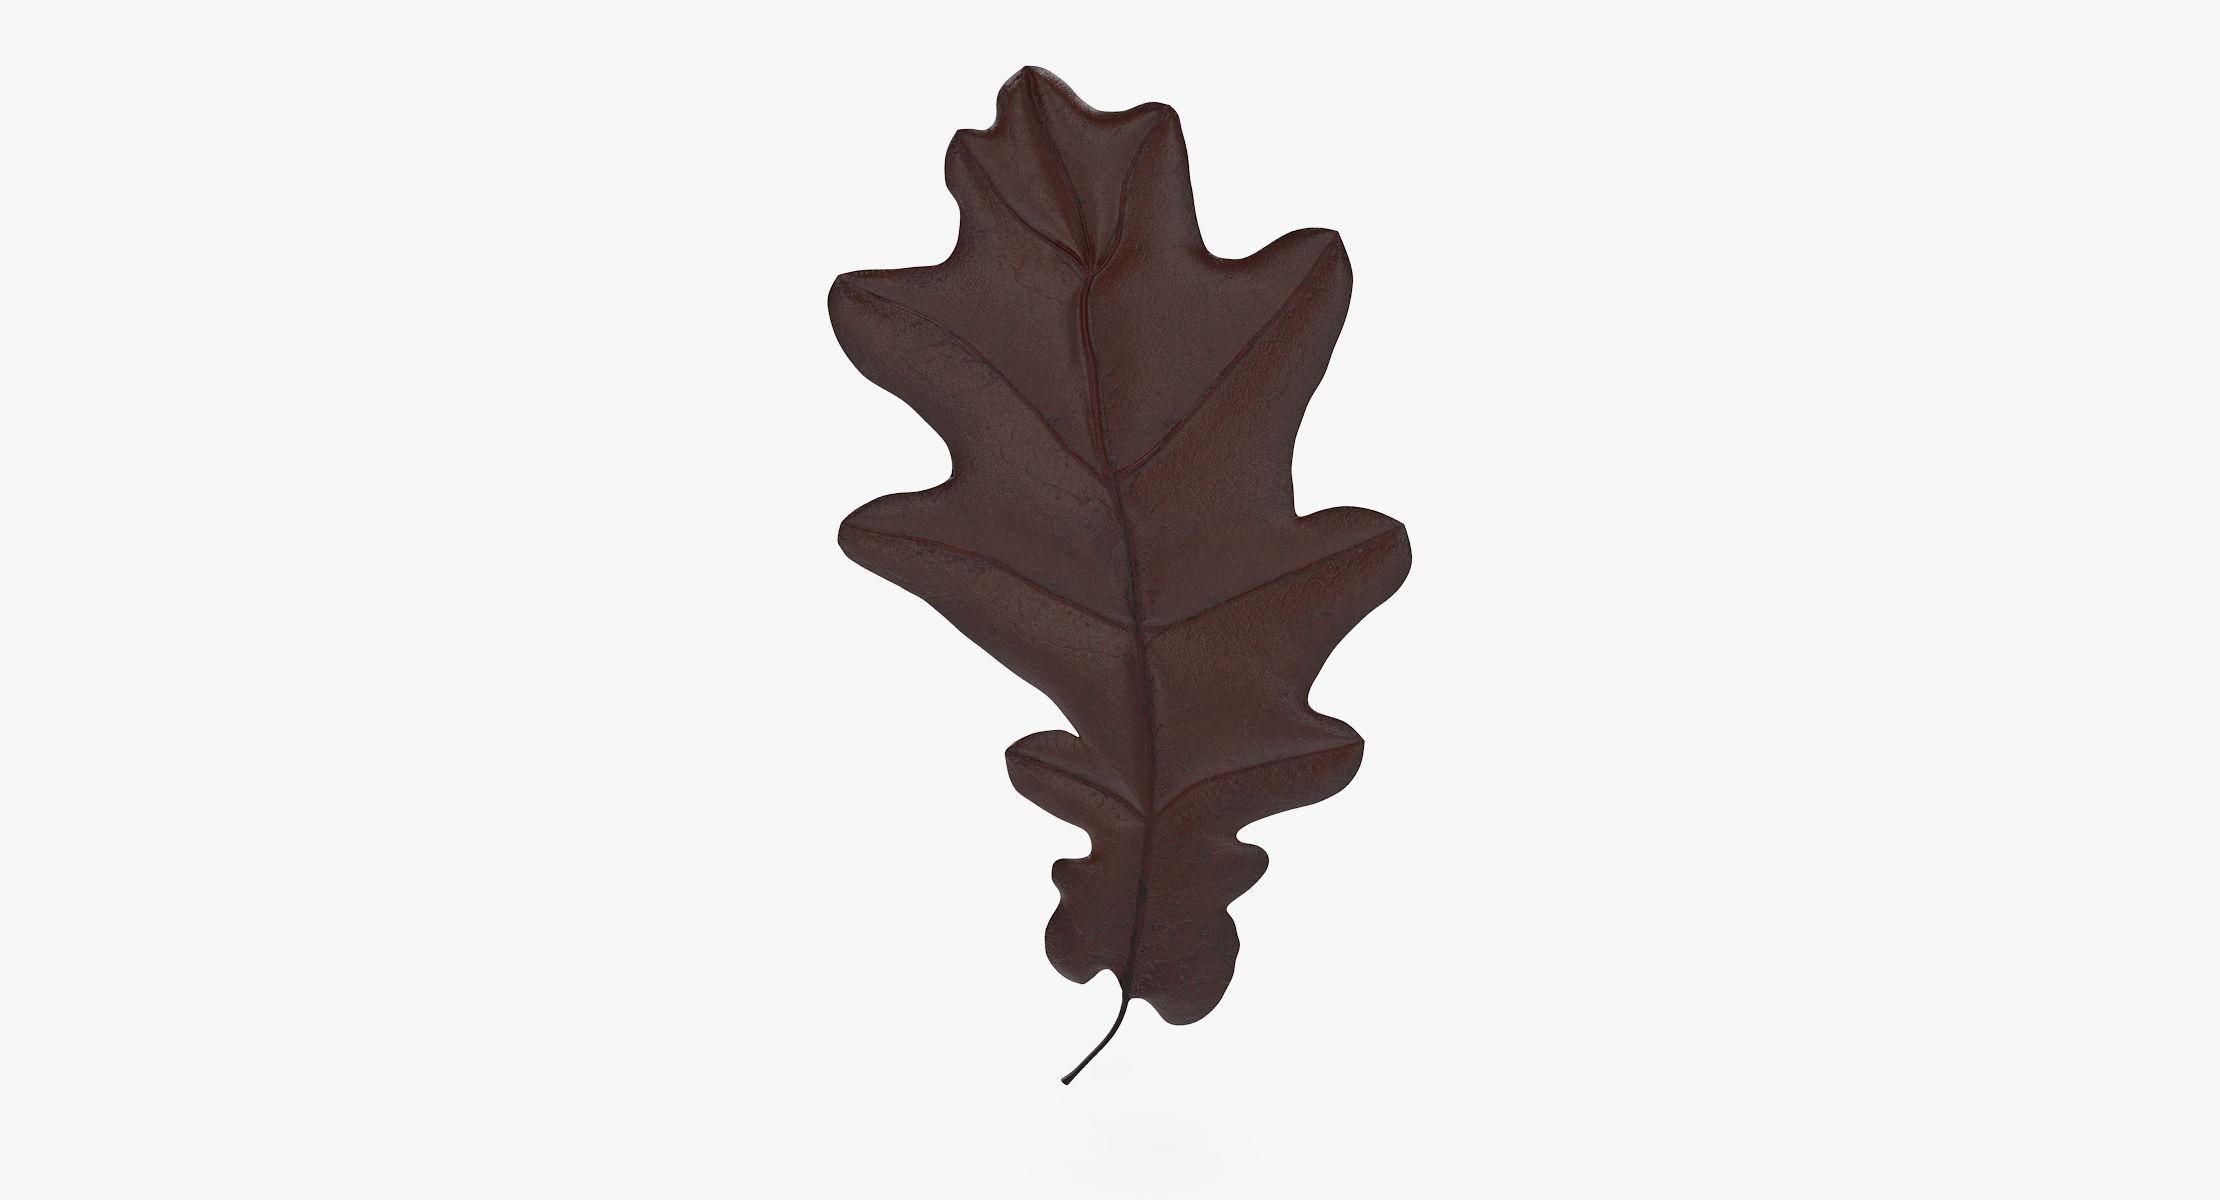 Oak Leaf 04 Brown - reel 1